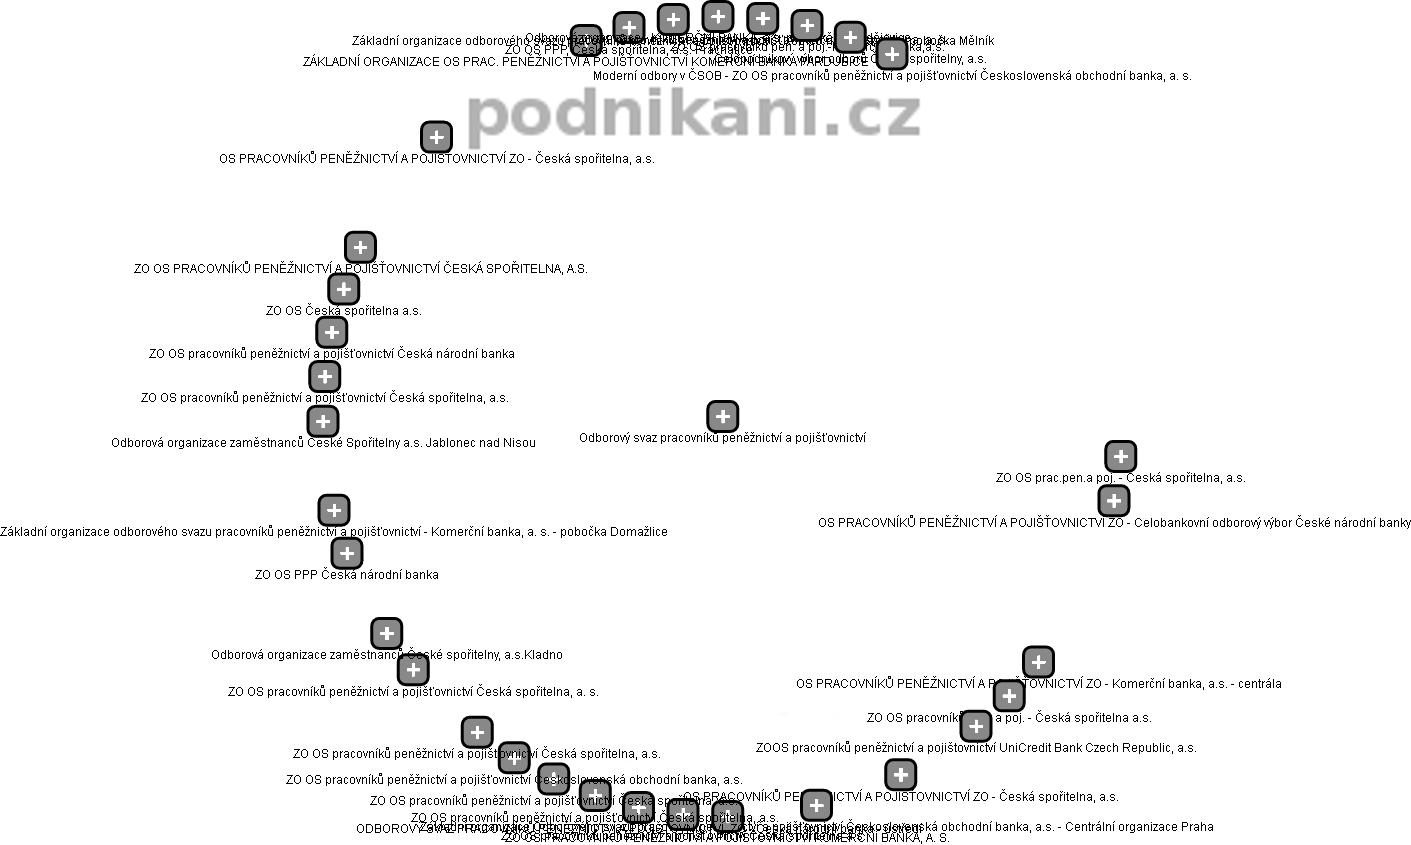 Odborový svaz pracovníků peněžnictví a pojišťovnictví - obrázek vizuálního zobrazení vztahů obchodního rejstříku